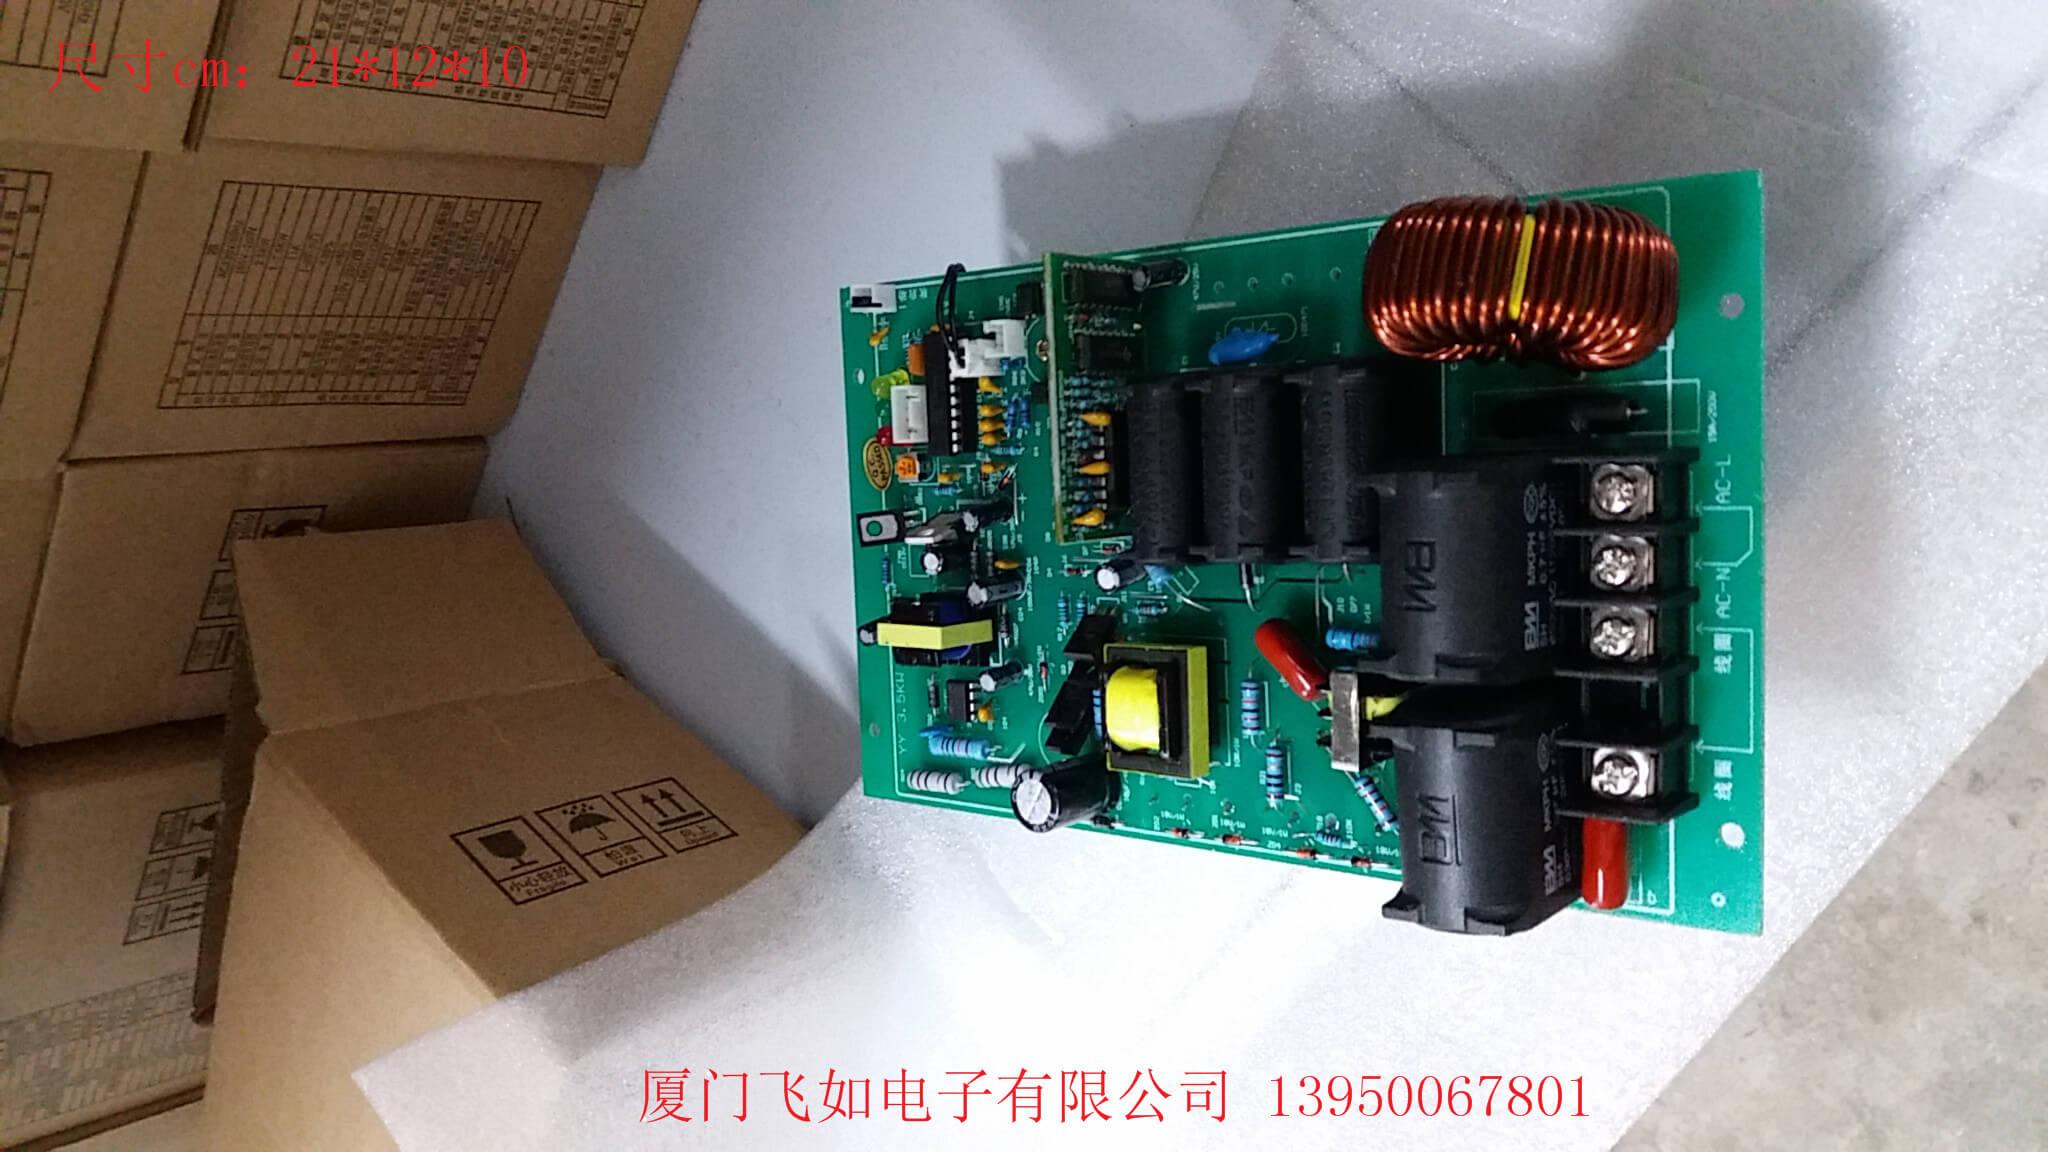 电磁加热 电磁加热板 电磁加热器 厦门飞如电子有限公司